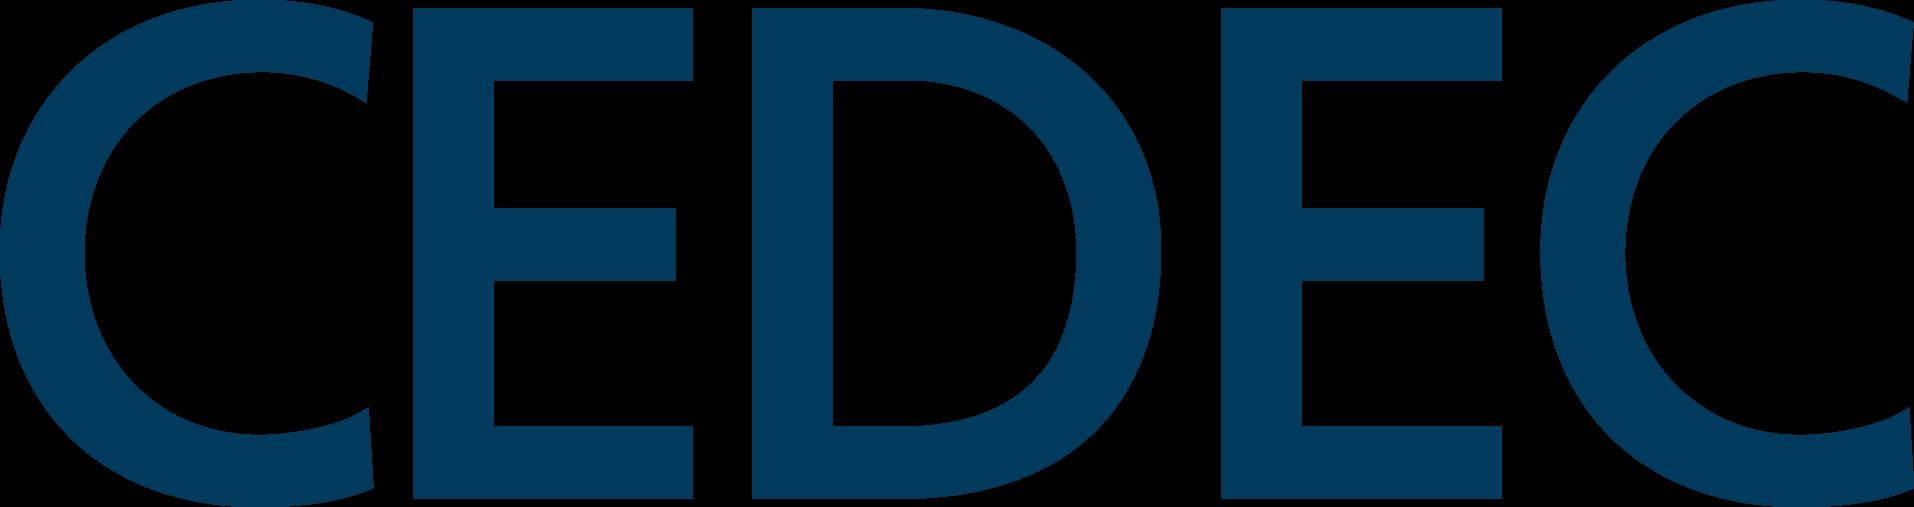 https://ppforum.ca/wp-content/uploads/2019/10/CEDEC-logo-blue-unofficial.png